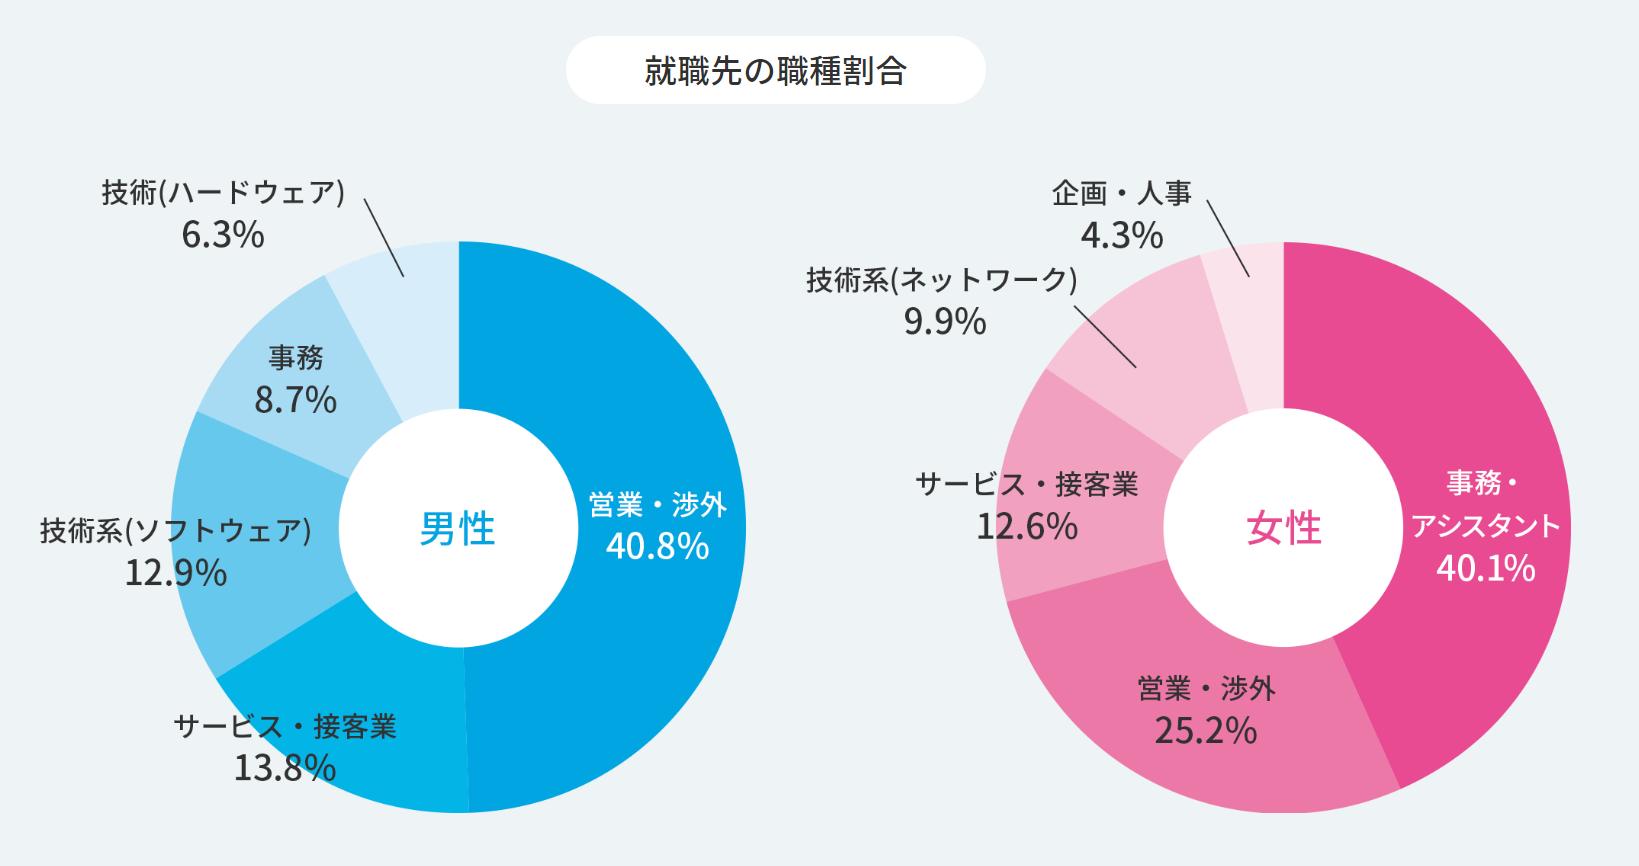 就職Shopの職種割合